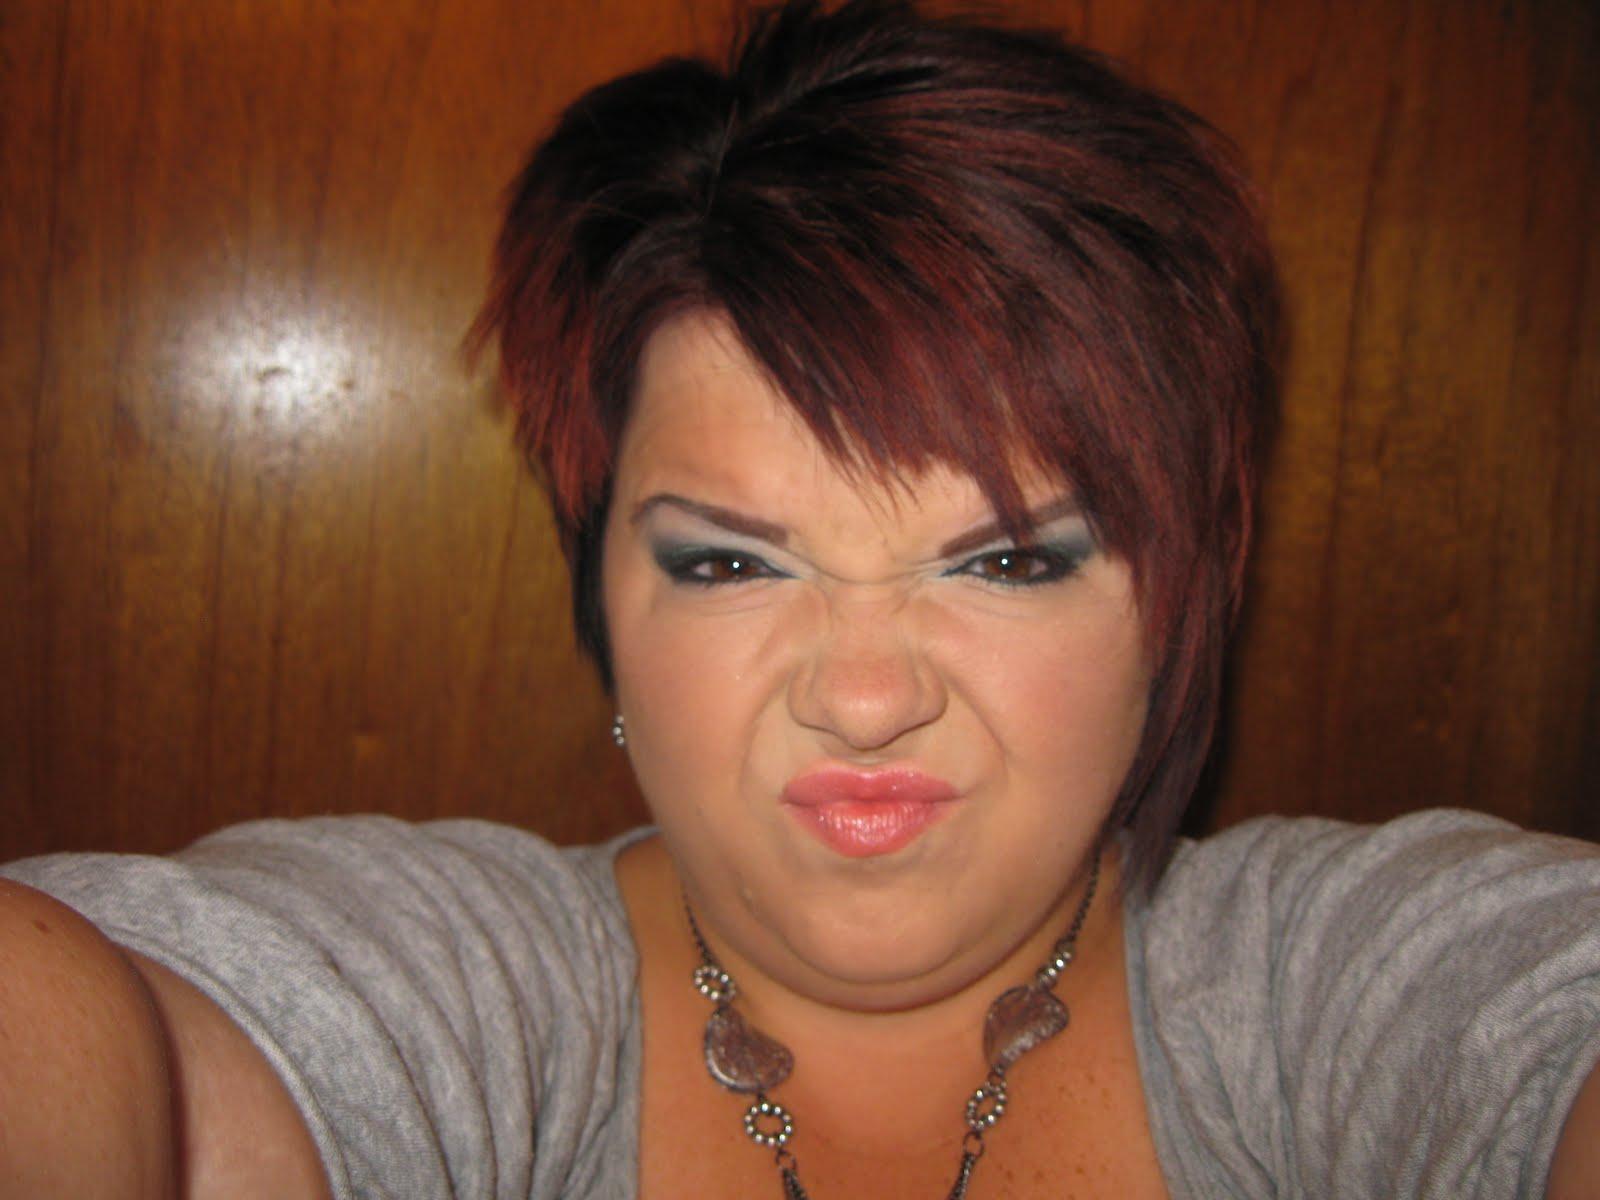 http://2.bp.blogspot.com/-HeaqzUA4GD0/TnAMwzxB6CI/AAAAAAAAAAw/9lEVp58LKWU/s1600/hair%2B039.JPG